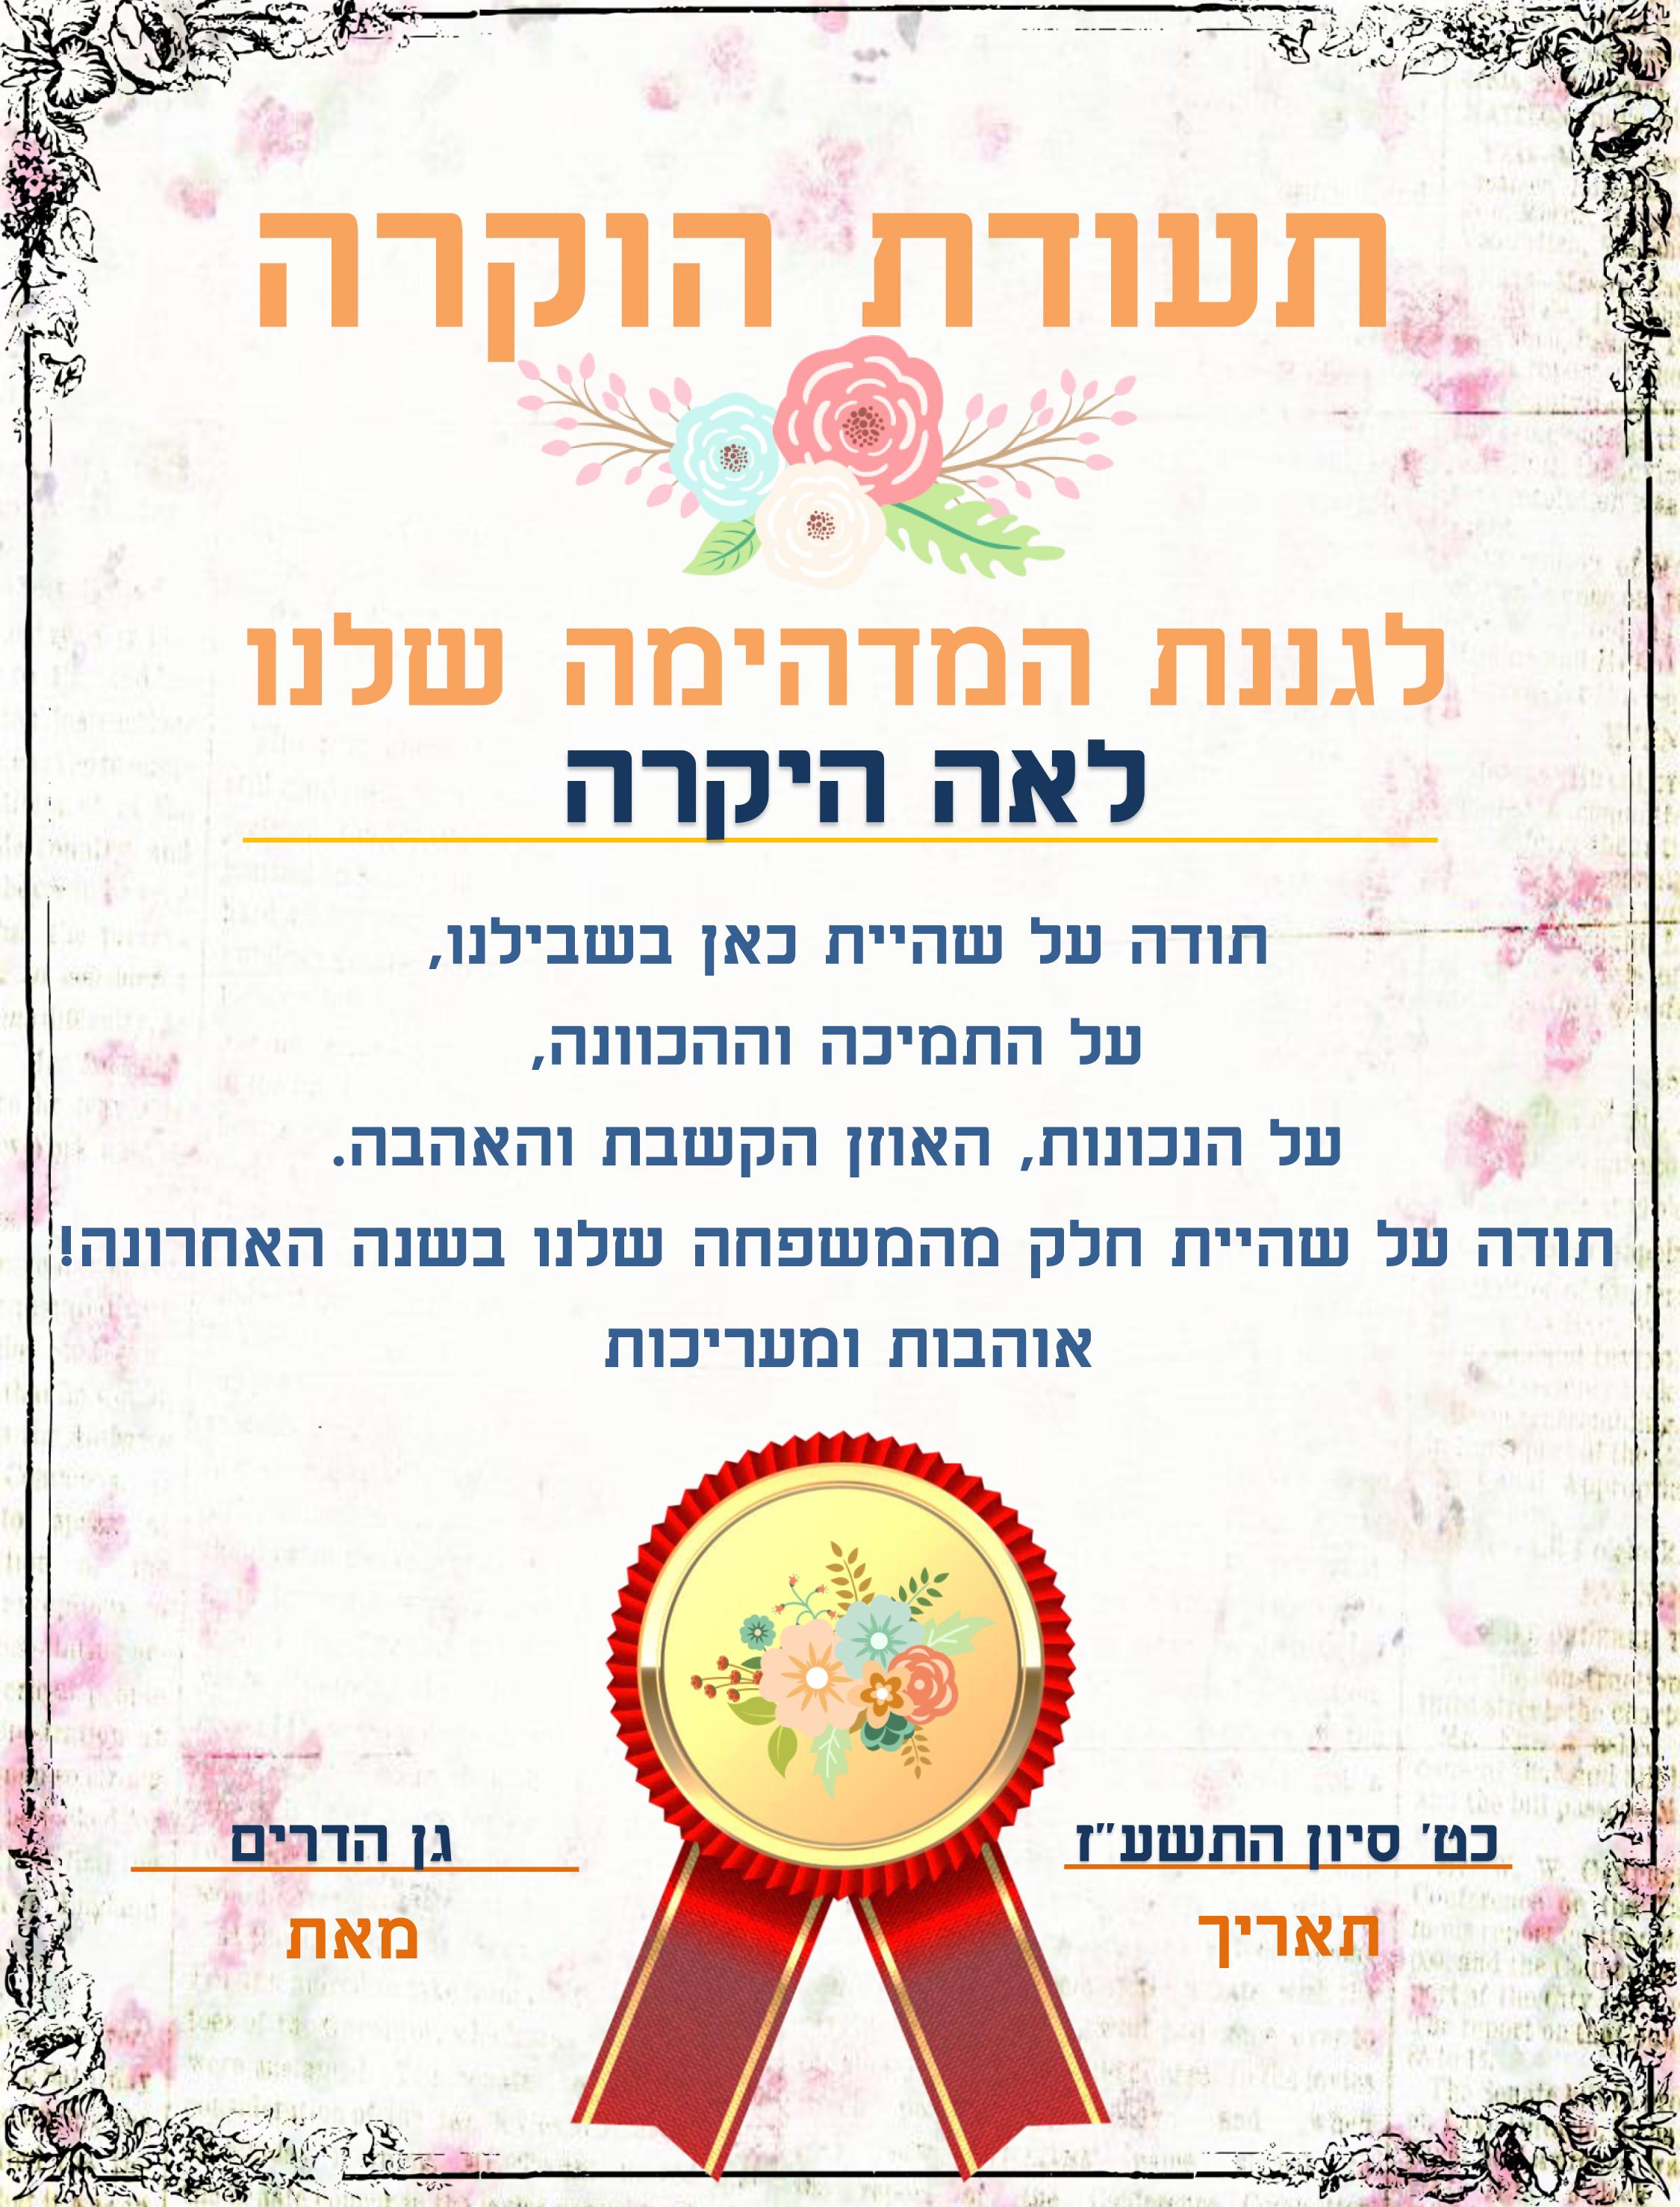 מכתב תודה גן יהודה הנשיא לאה-1